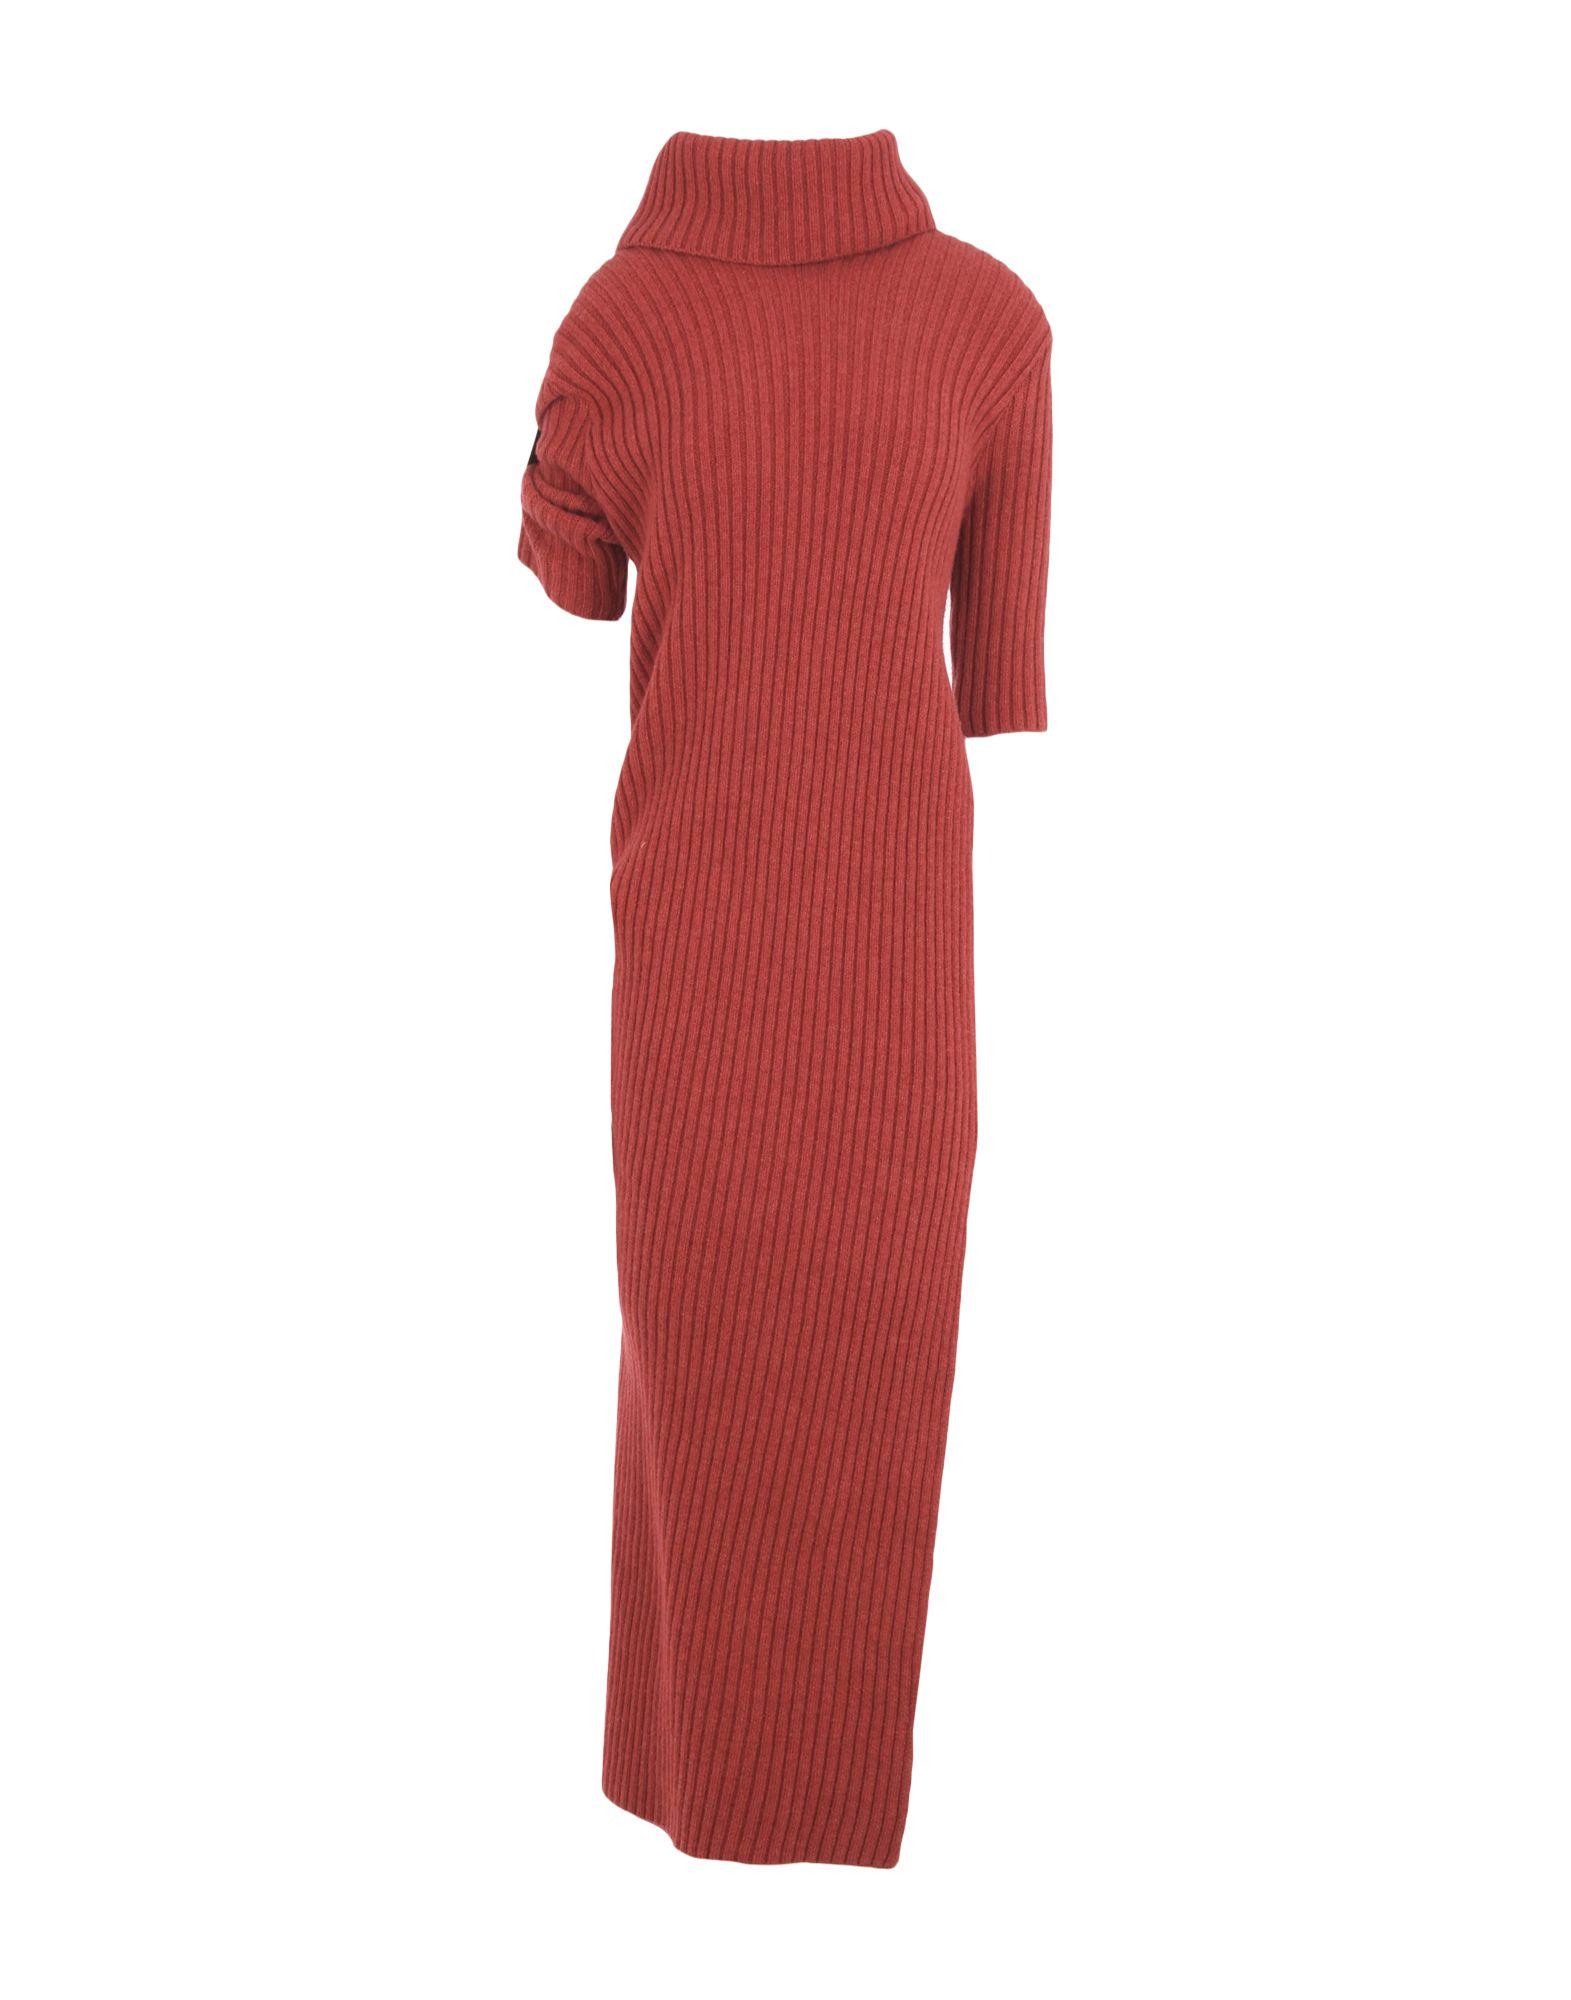 HELEN LAWRENCE Платье длиной 3/4 lisa corti платье длиной 3 4